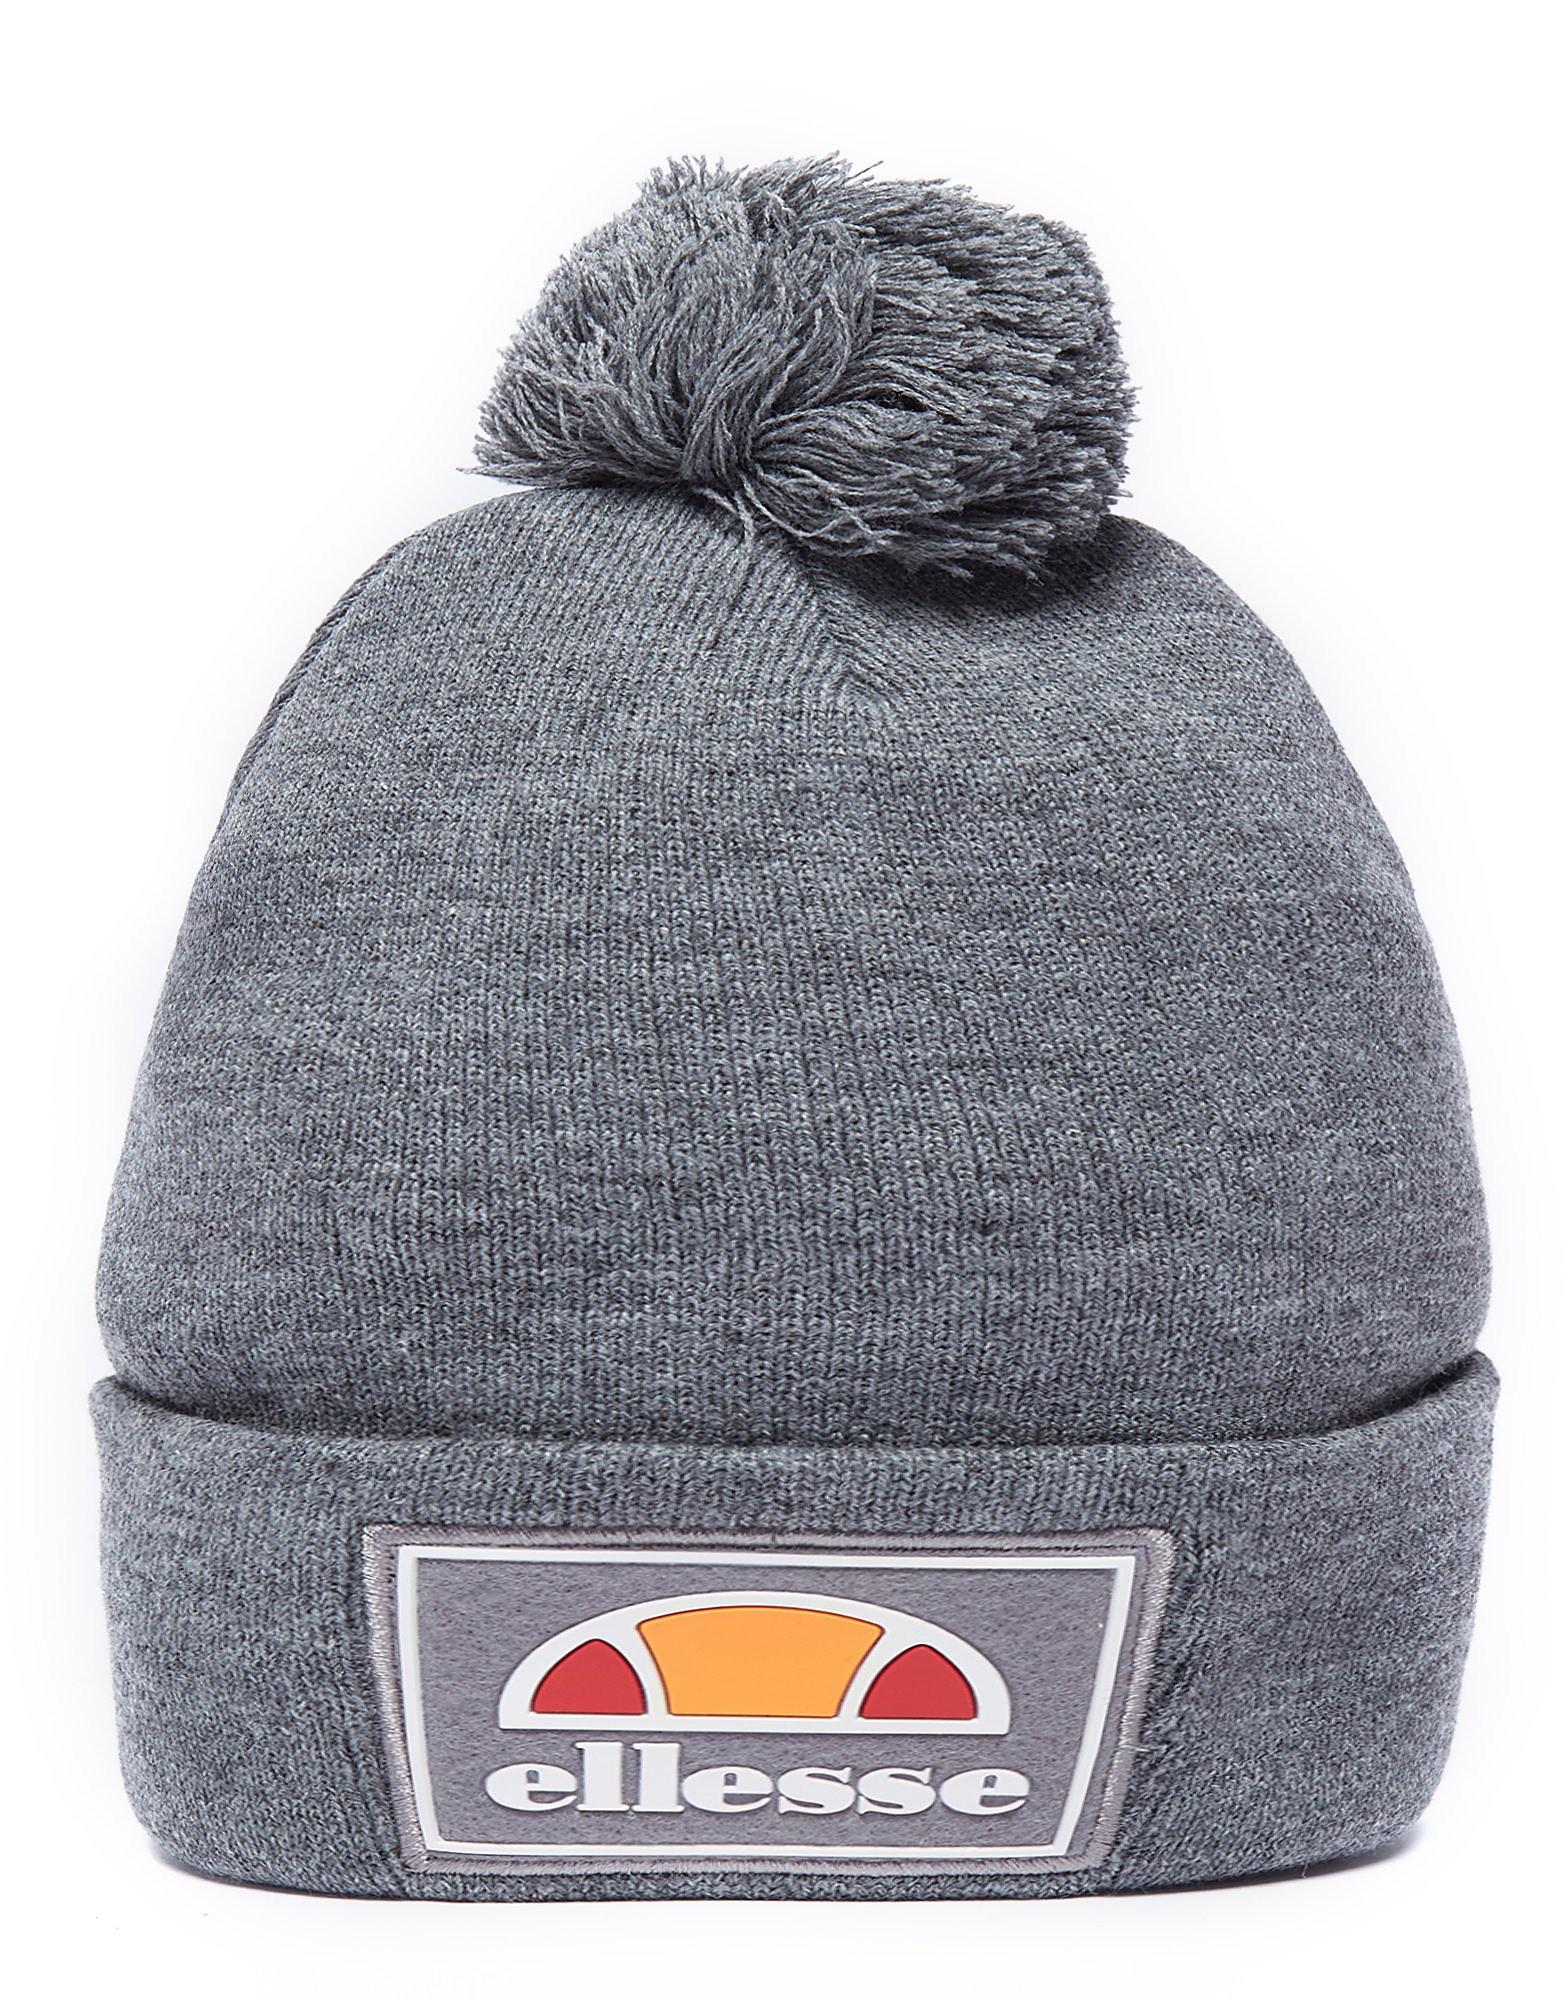 Ellesse Patch Pom Pom Beanie Hat